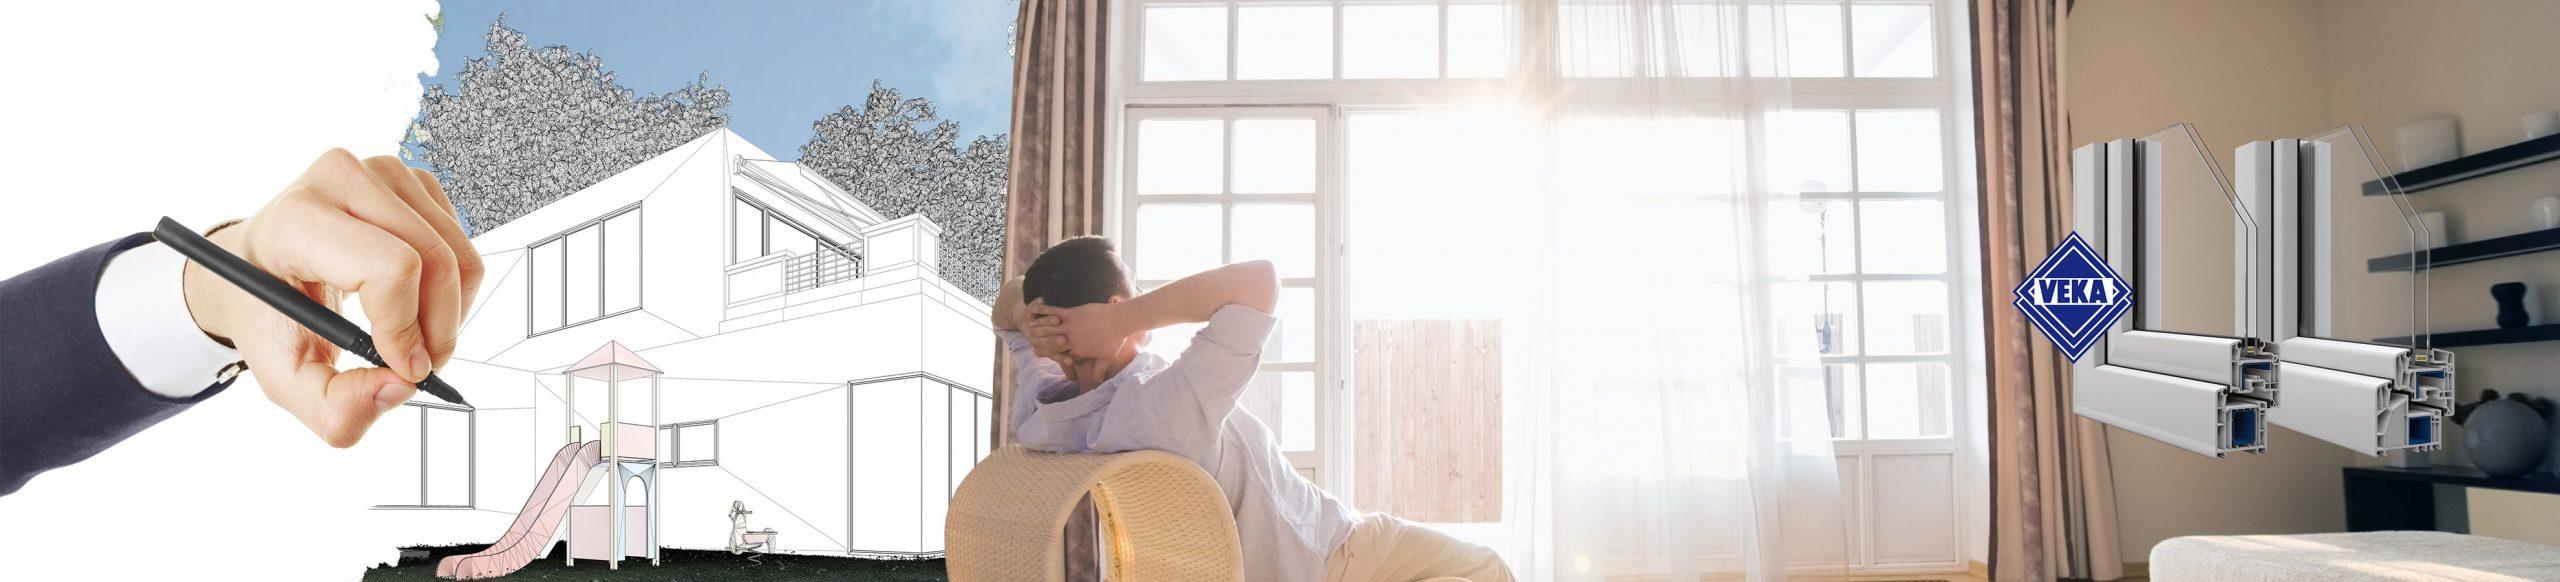 Full Size of Fenster Veka Kaufen Softline 82 Aus Polen Erfahrungen Test 76 Md Einstellen 70 Ad In Premium Qualitt Online Sonnenschutzfolie Fliegennetz Welten Rollos Ohne Fenster Fenster Veka